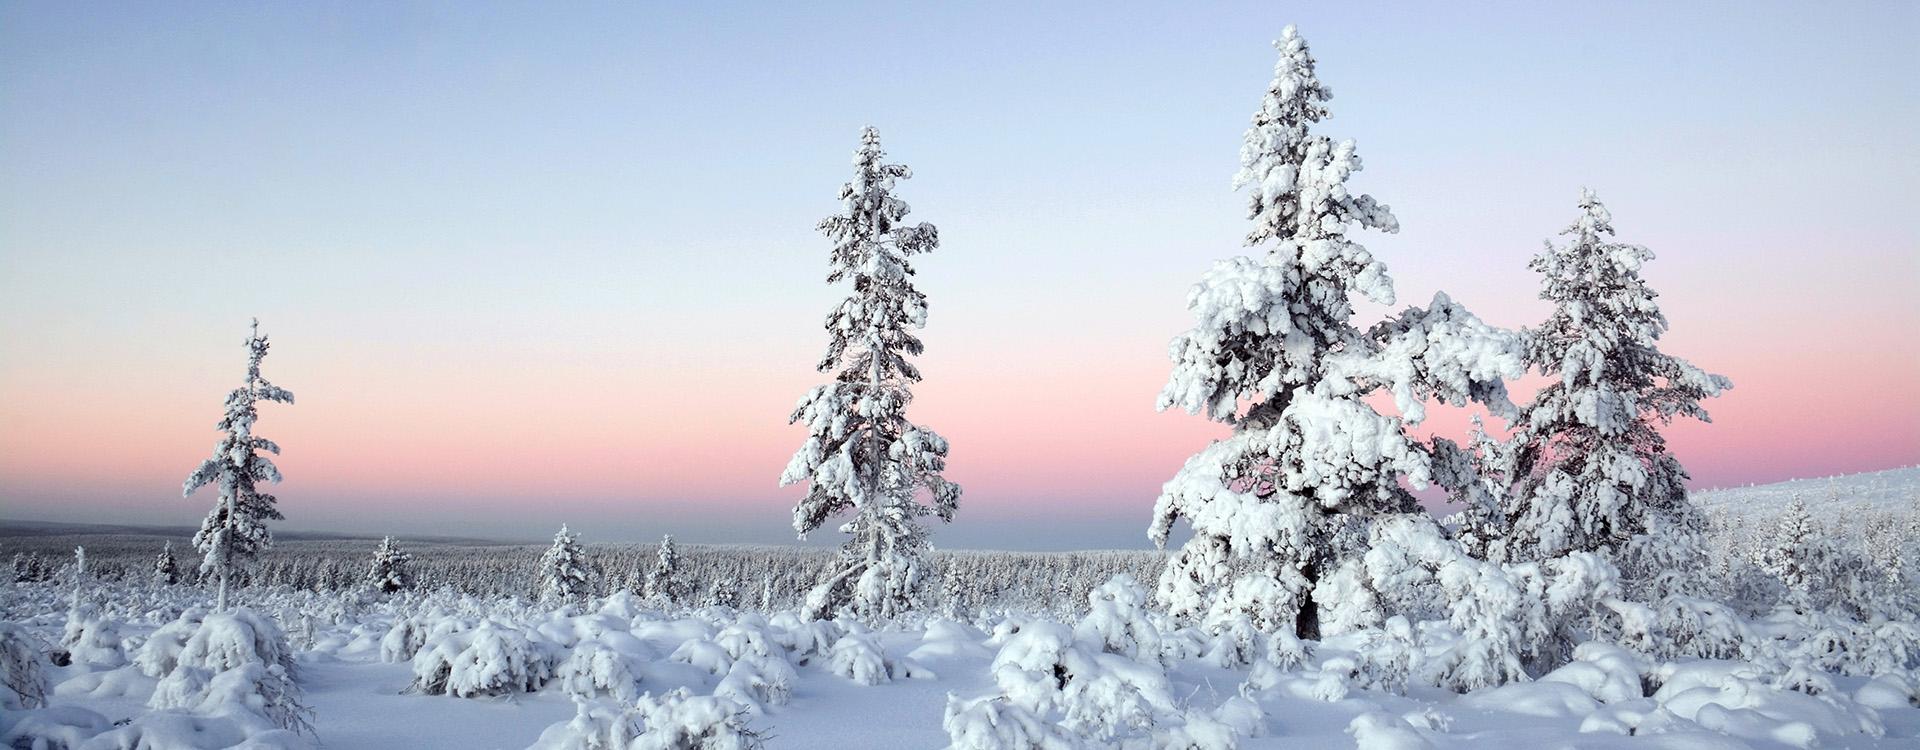 gugigei-fotografie-slider-winterimpressionen.jpg